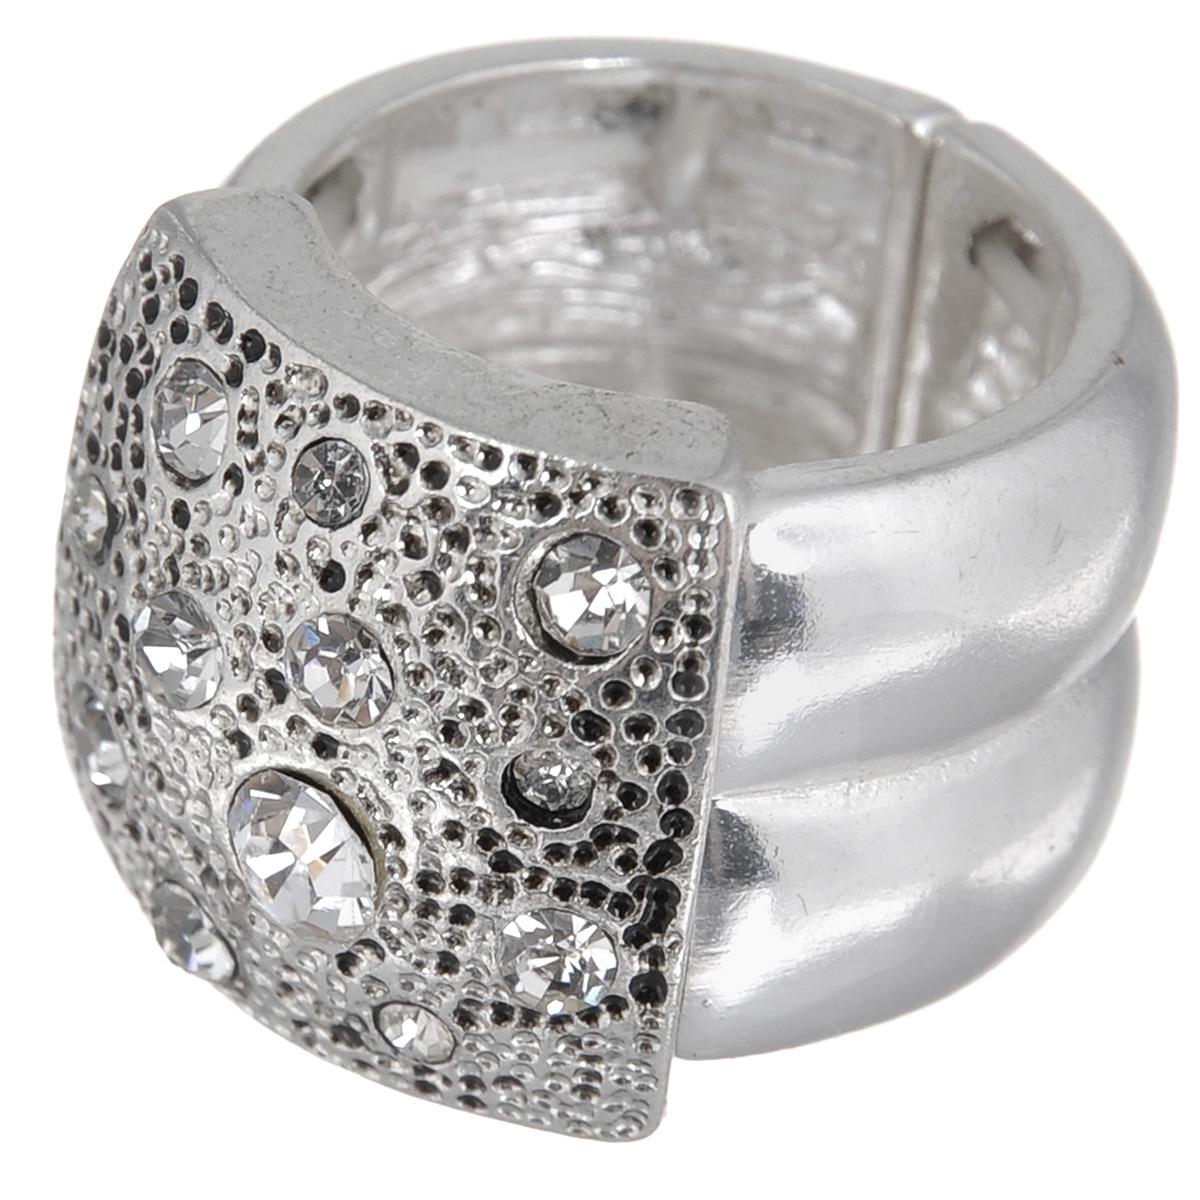 Кольцо Avgad, цвет: серебристый. EA178JW180EA178JW180Оригинальное кольцо Avgad выполнено из ювелирного сплава и декорировано стразами. Элементы кольца соединены с помощью тонкой резинки, благодаря этому оно легко одевается и снимается. Размер универсальный. Кольцо позволит вам с легкостью воплотить самую смелую фантазию и создать собственный, неповторимый образ.